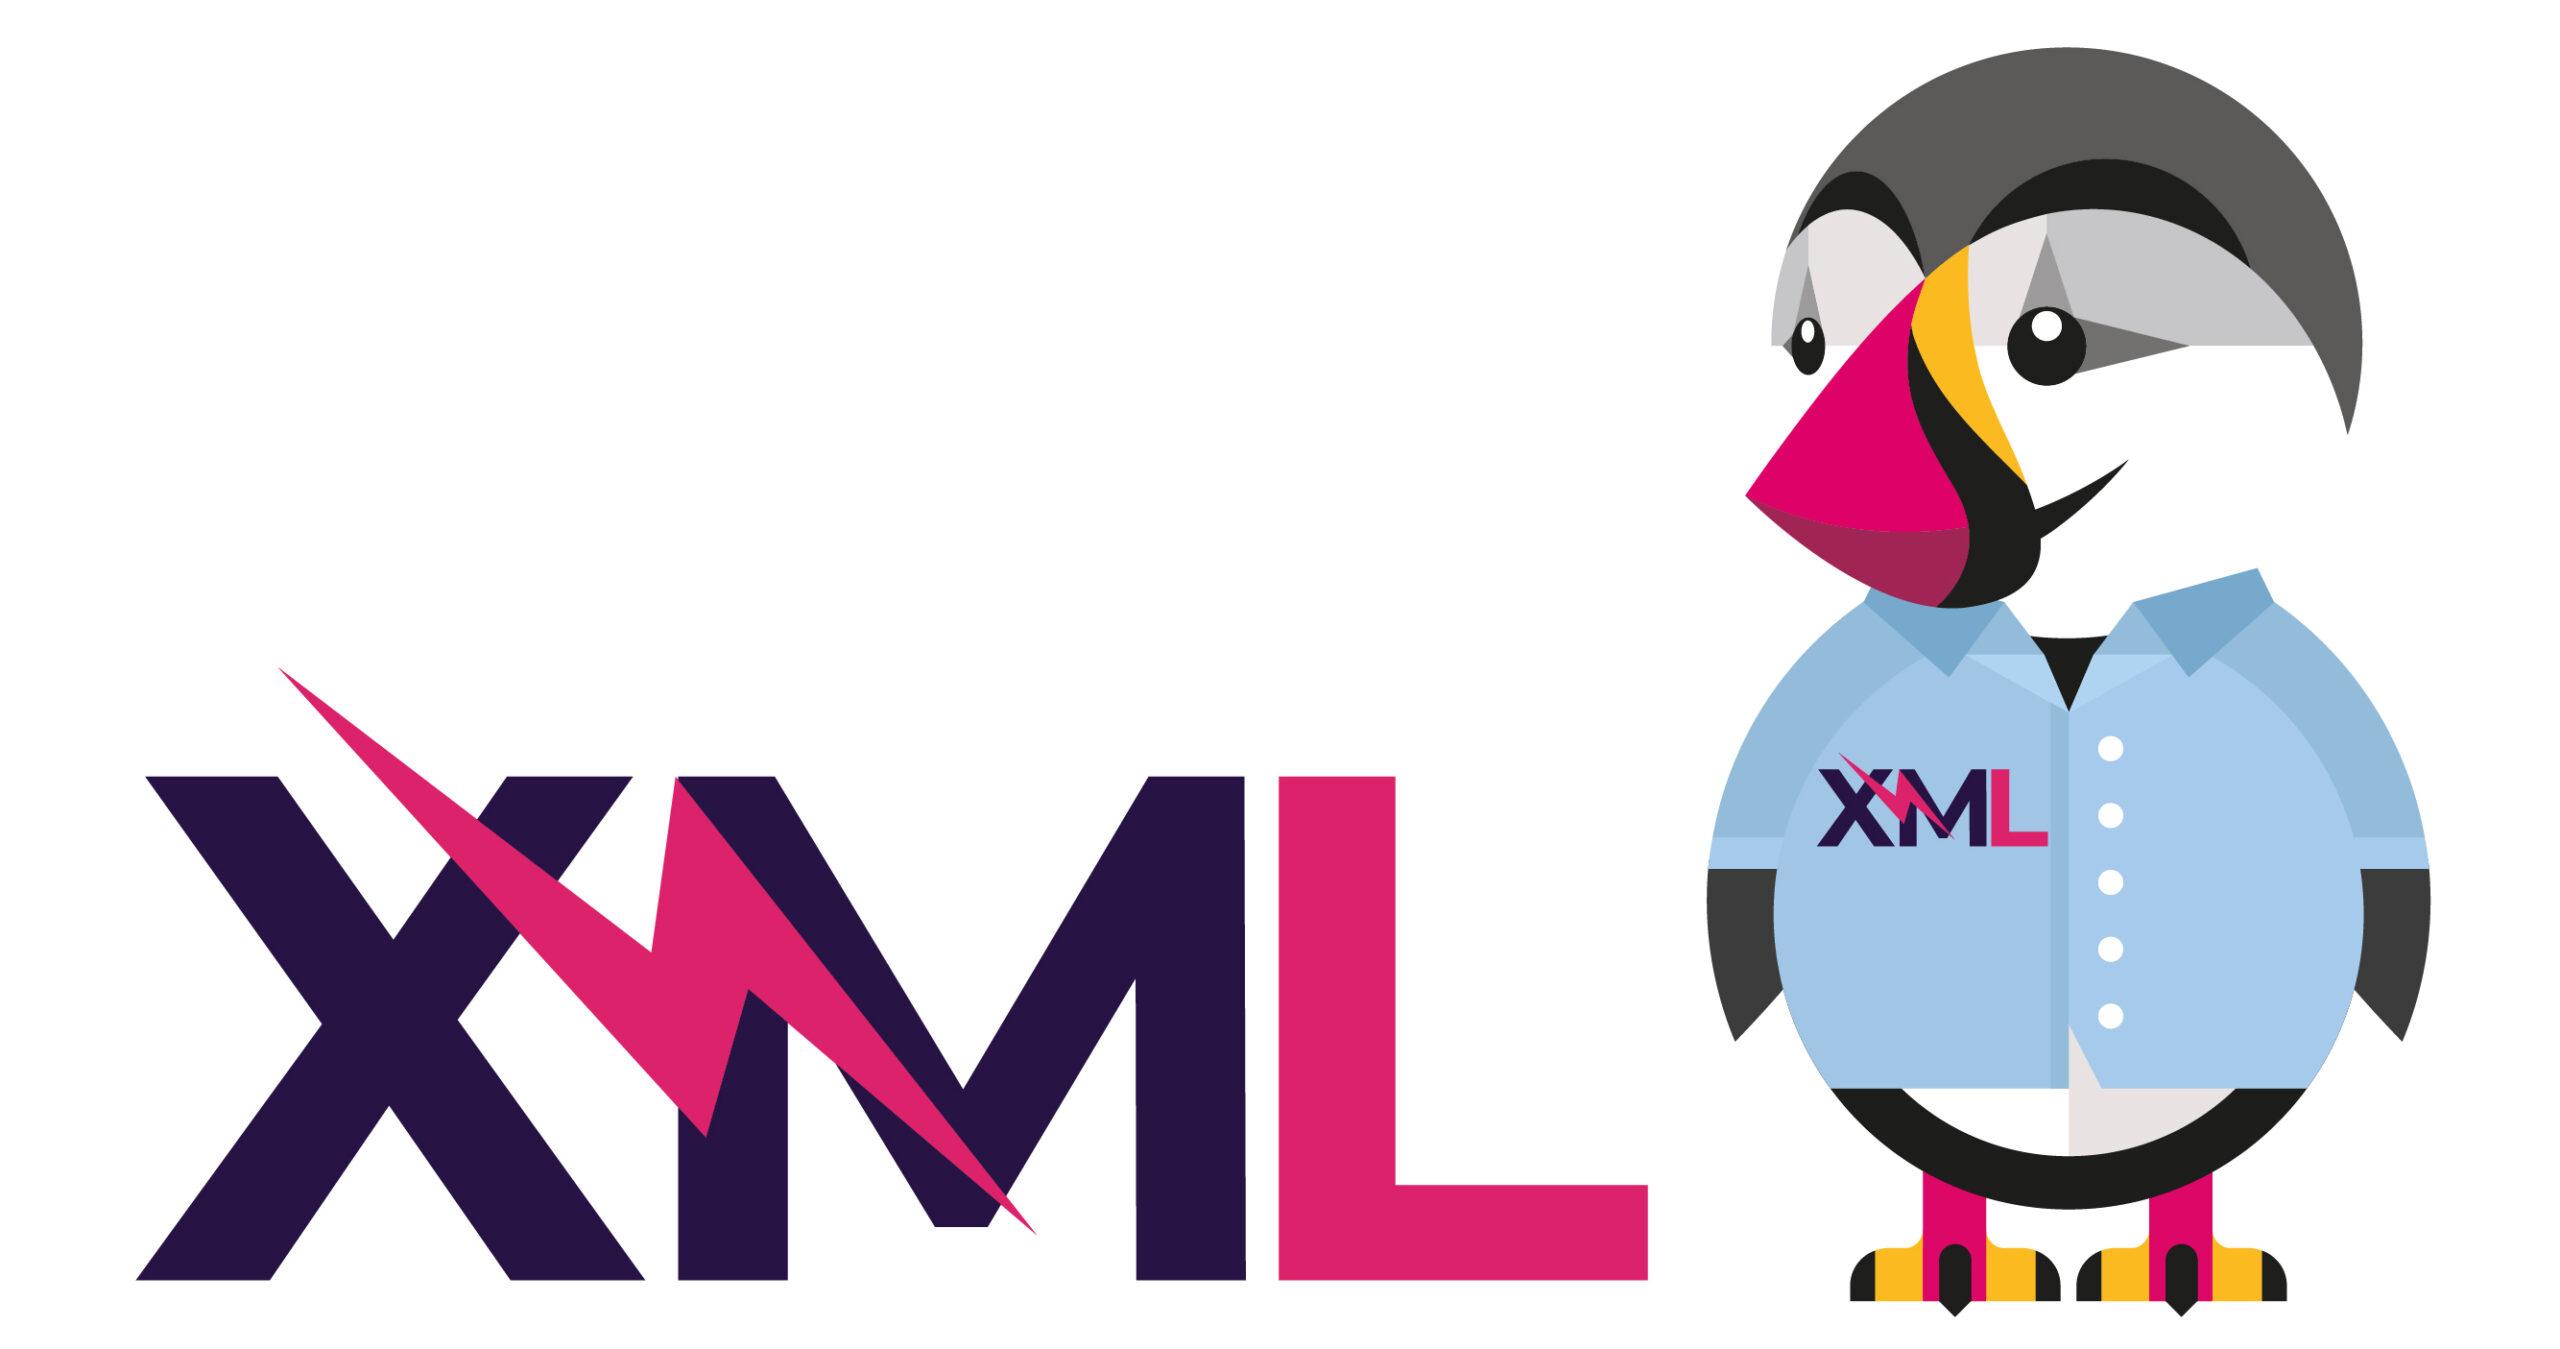 XML 'lerinizi çok hızlı bir şekilde yükleyin, güncelleyin.